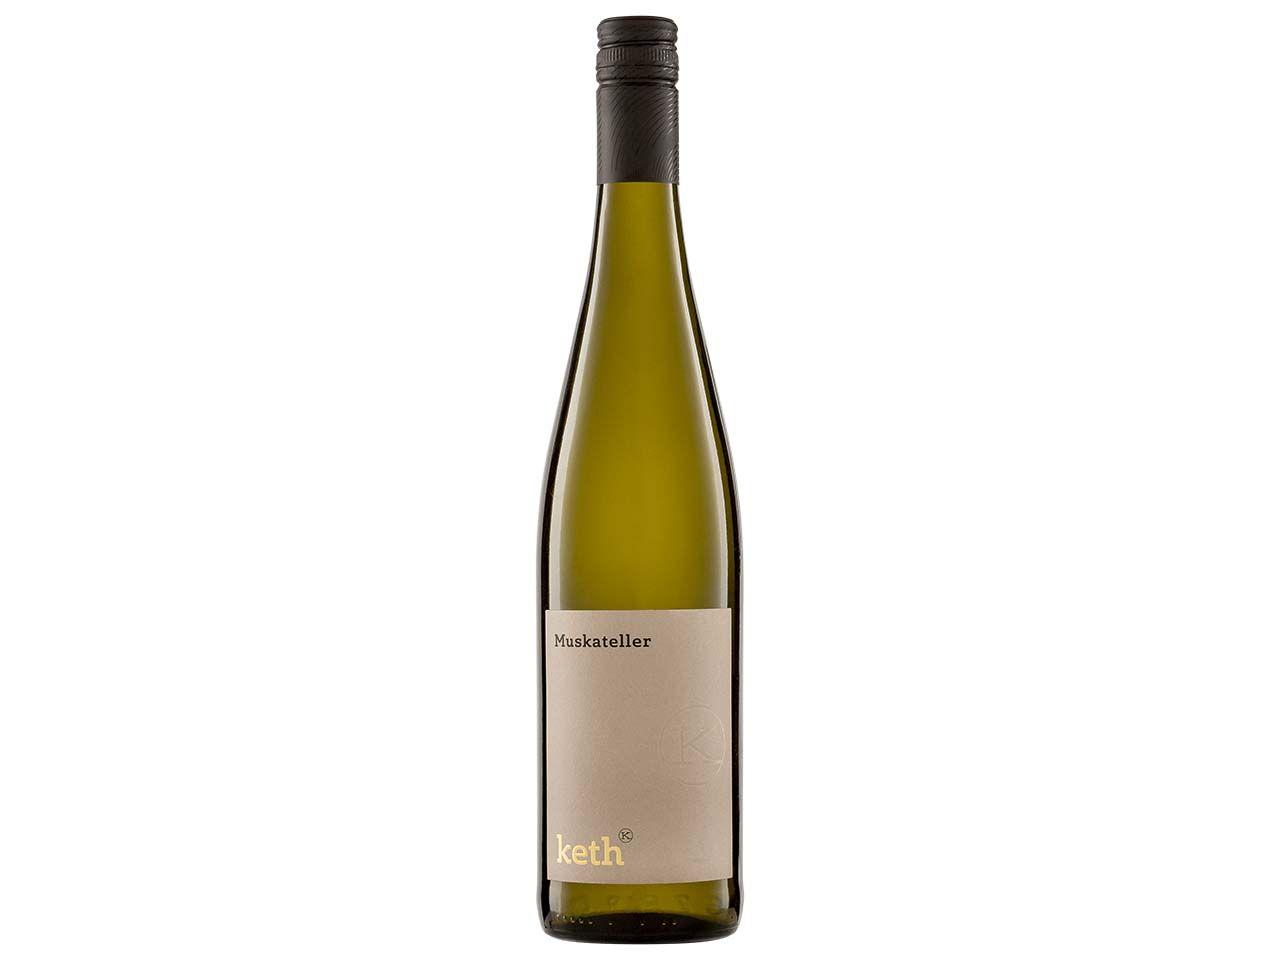 Bio-Weißwein Muskateller, Keth, 0,75 l 57017